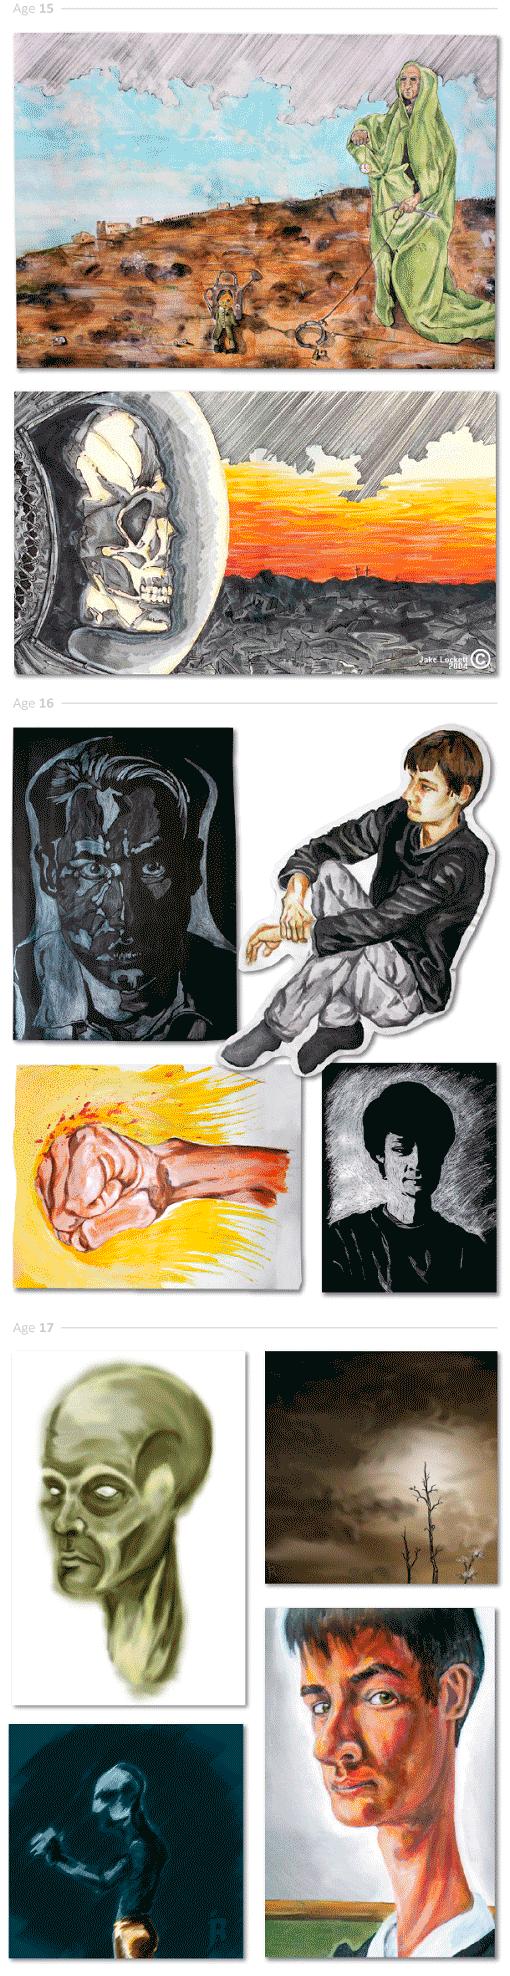 evolución-dibujos-de-2-a-24-años-Jake-Lockett-(15-a-17)